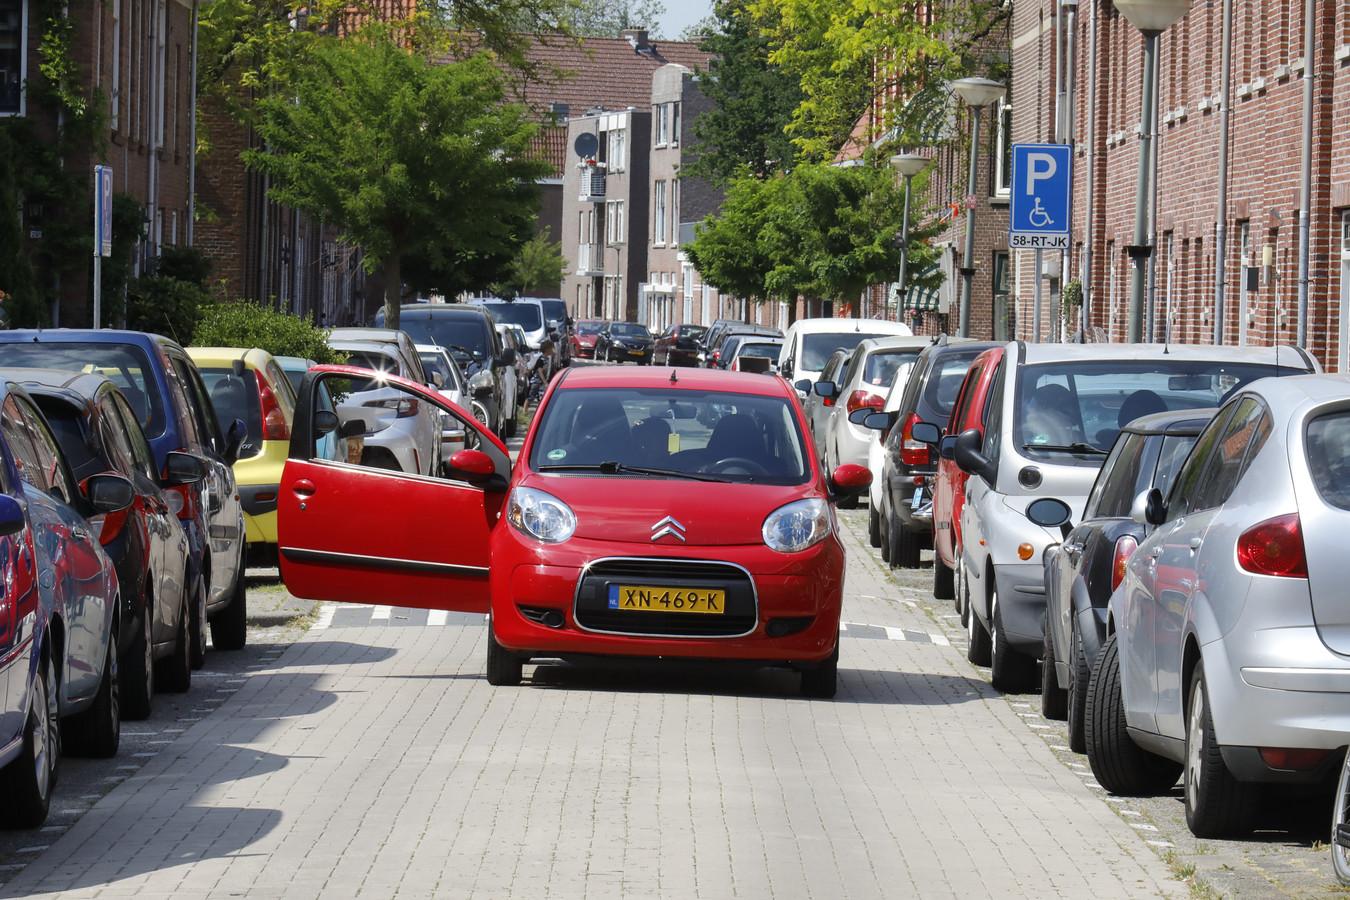 Parkeren in Schiedam-West is soms een lastige opgave. Het is er altijd druk.